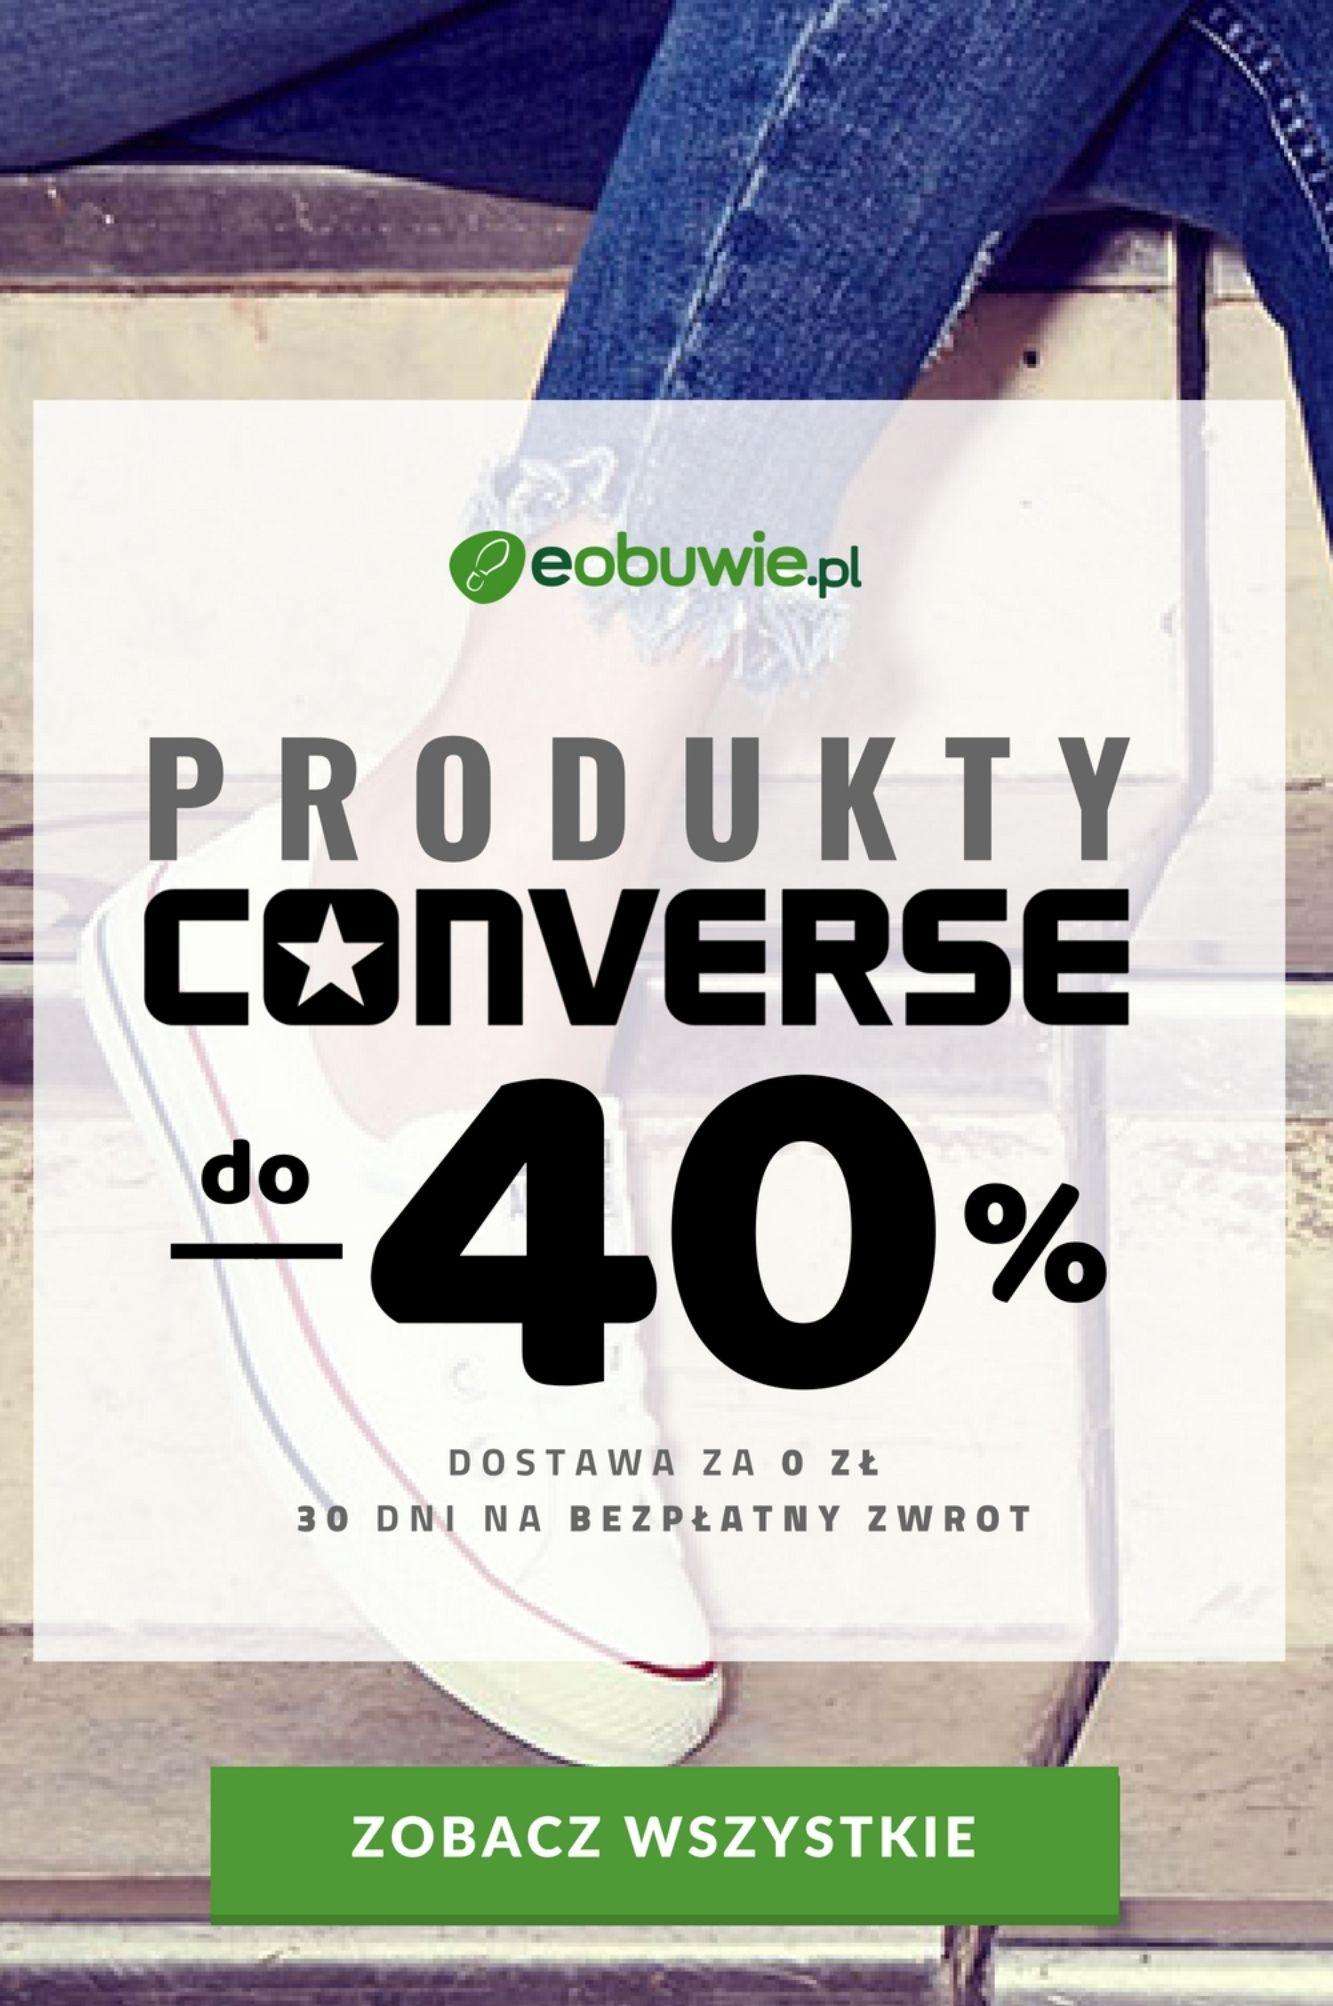 Produkty converse do - 40%